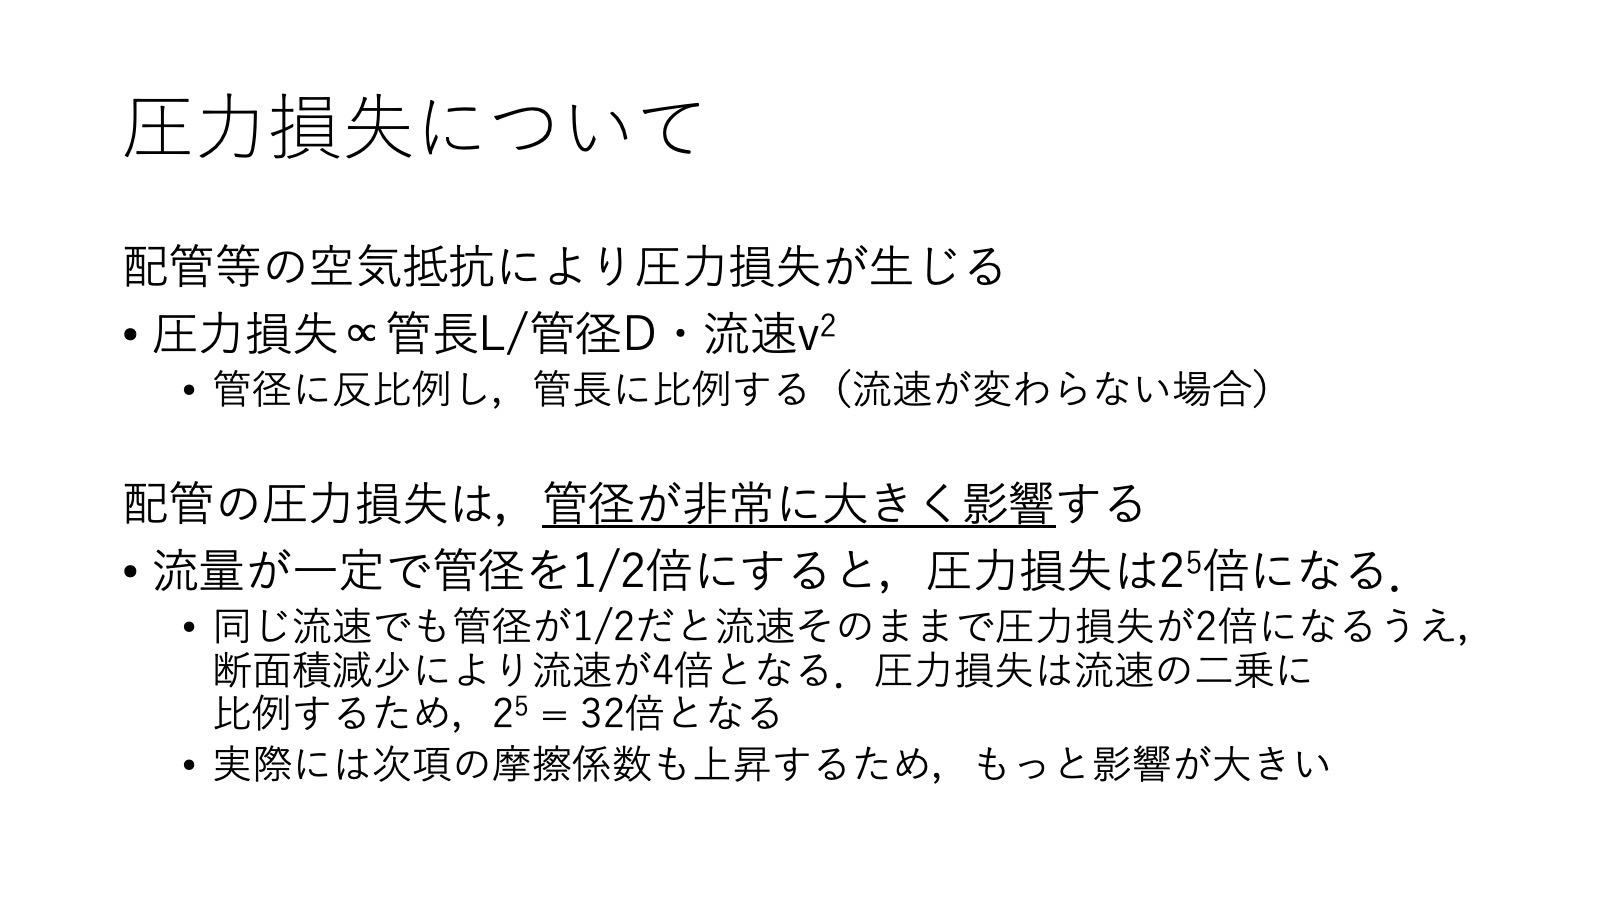 スライド12.jpeg